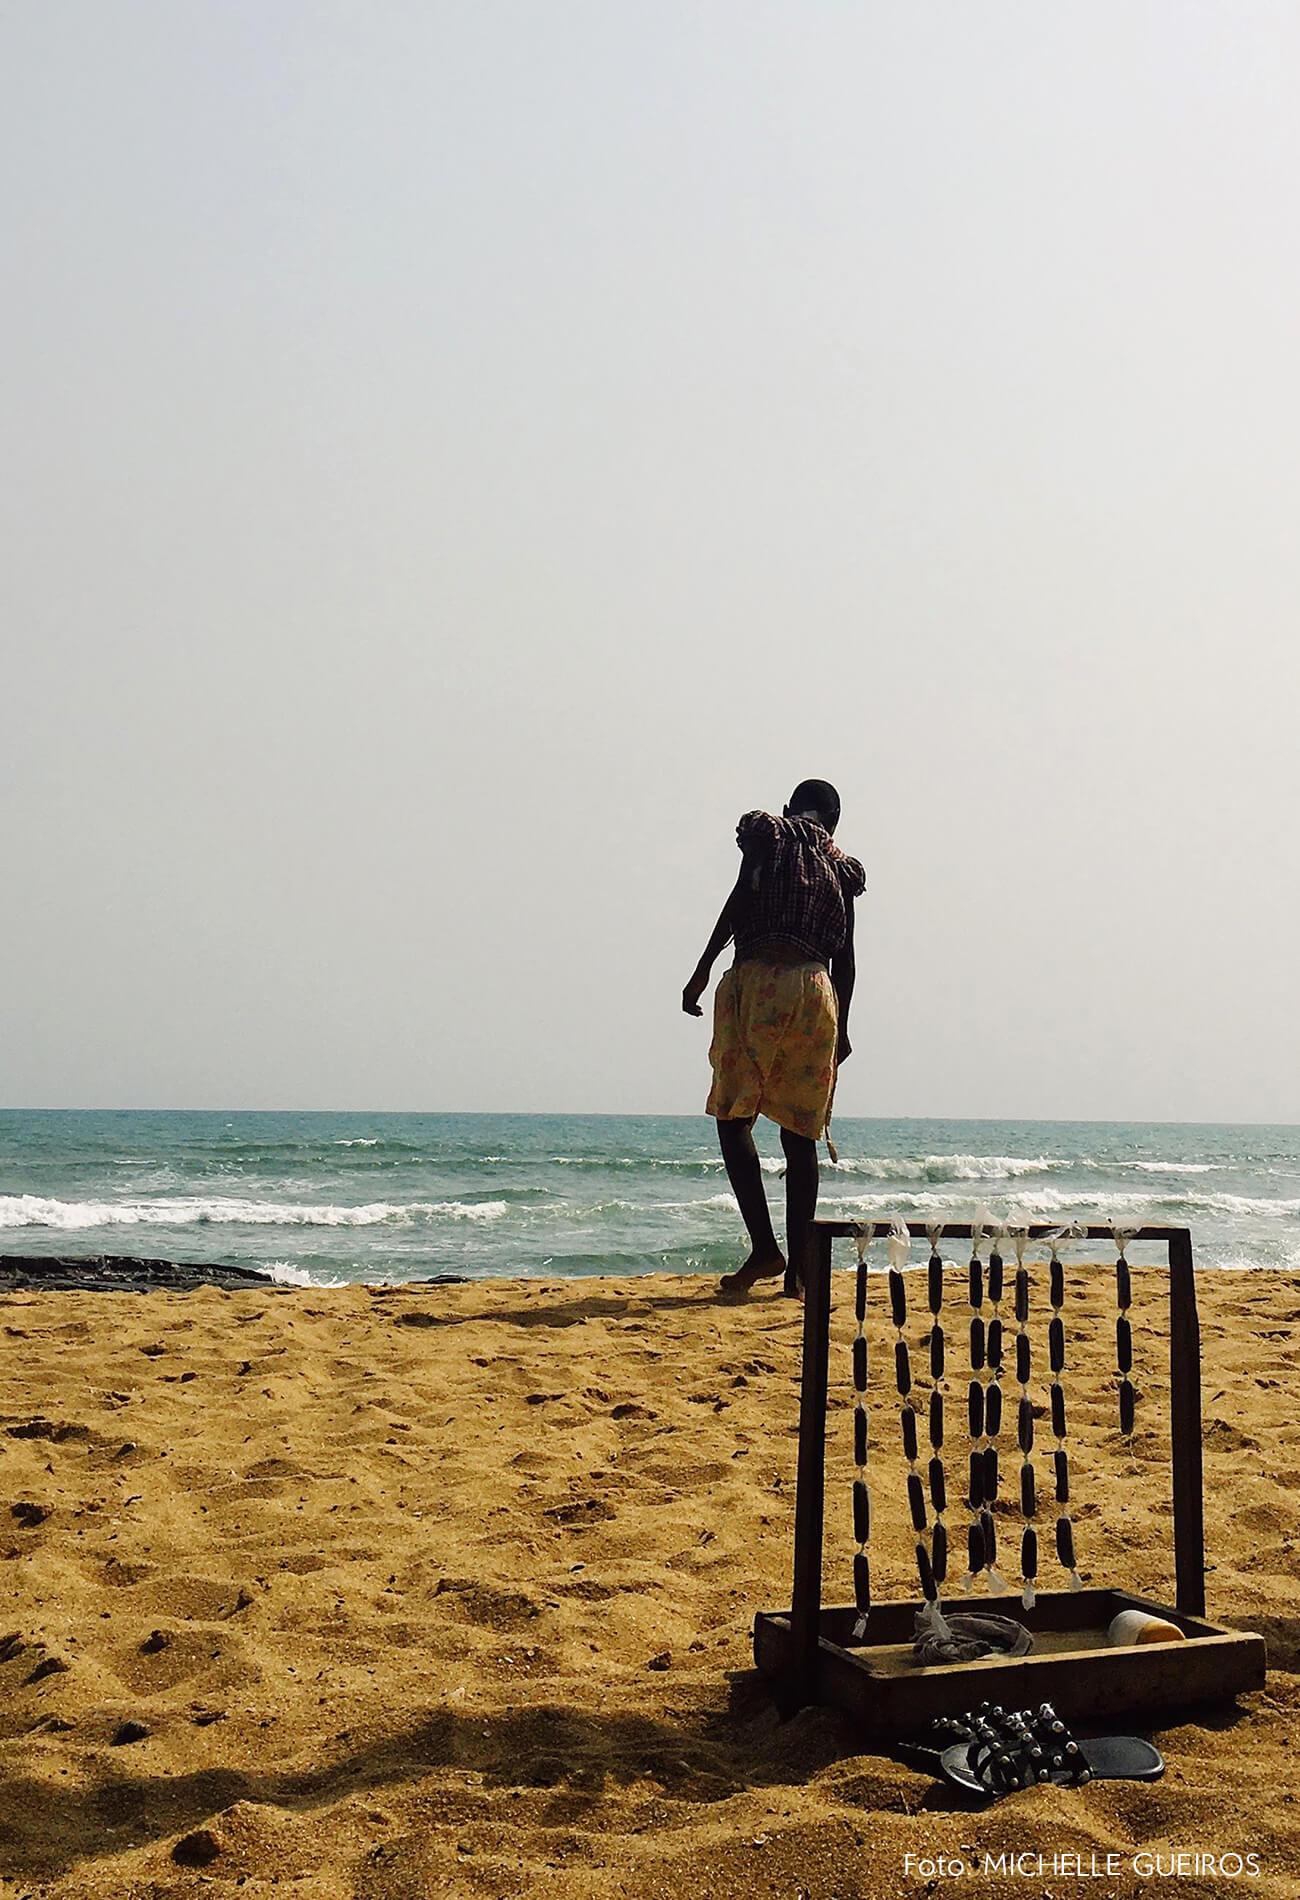 Gana viagem praia retrato